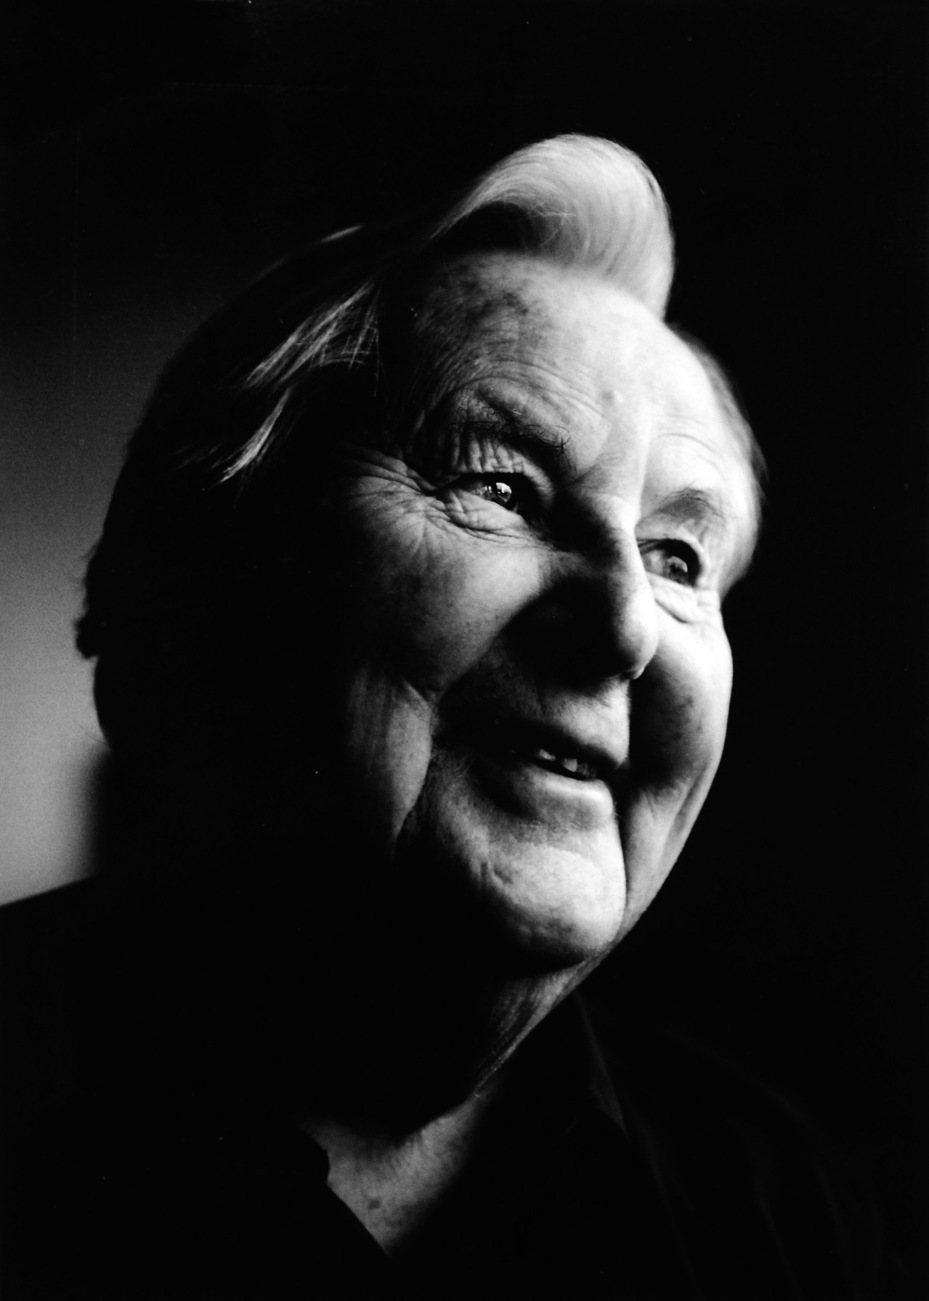 高齡93歲的畢嘉士11月15日於挪威安享天年。圖/畢嘉士社會福利基金會及屏東基督教醫院提供。